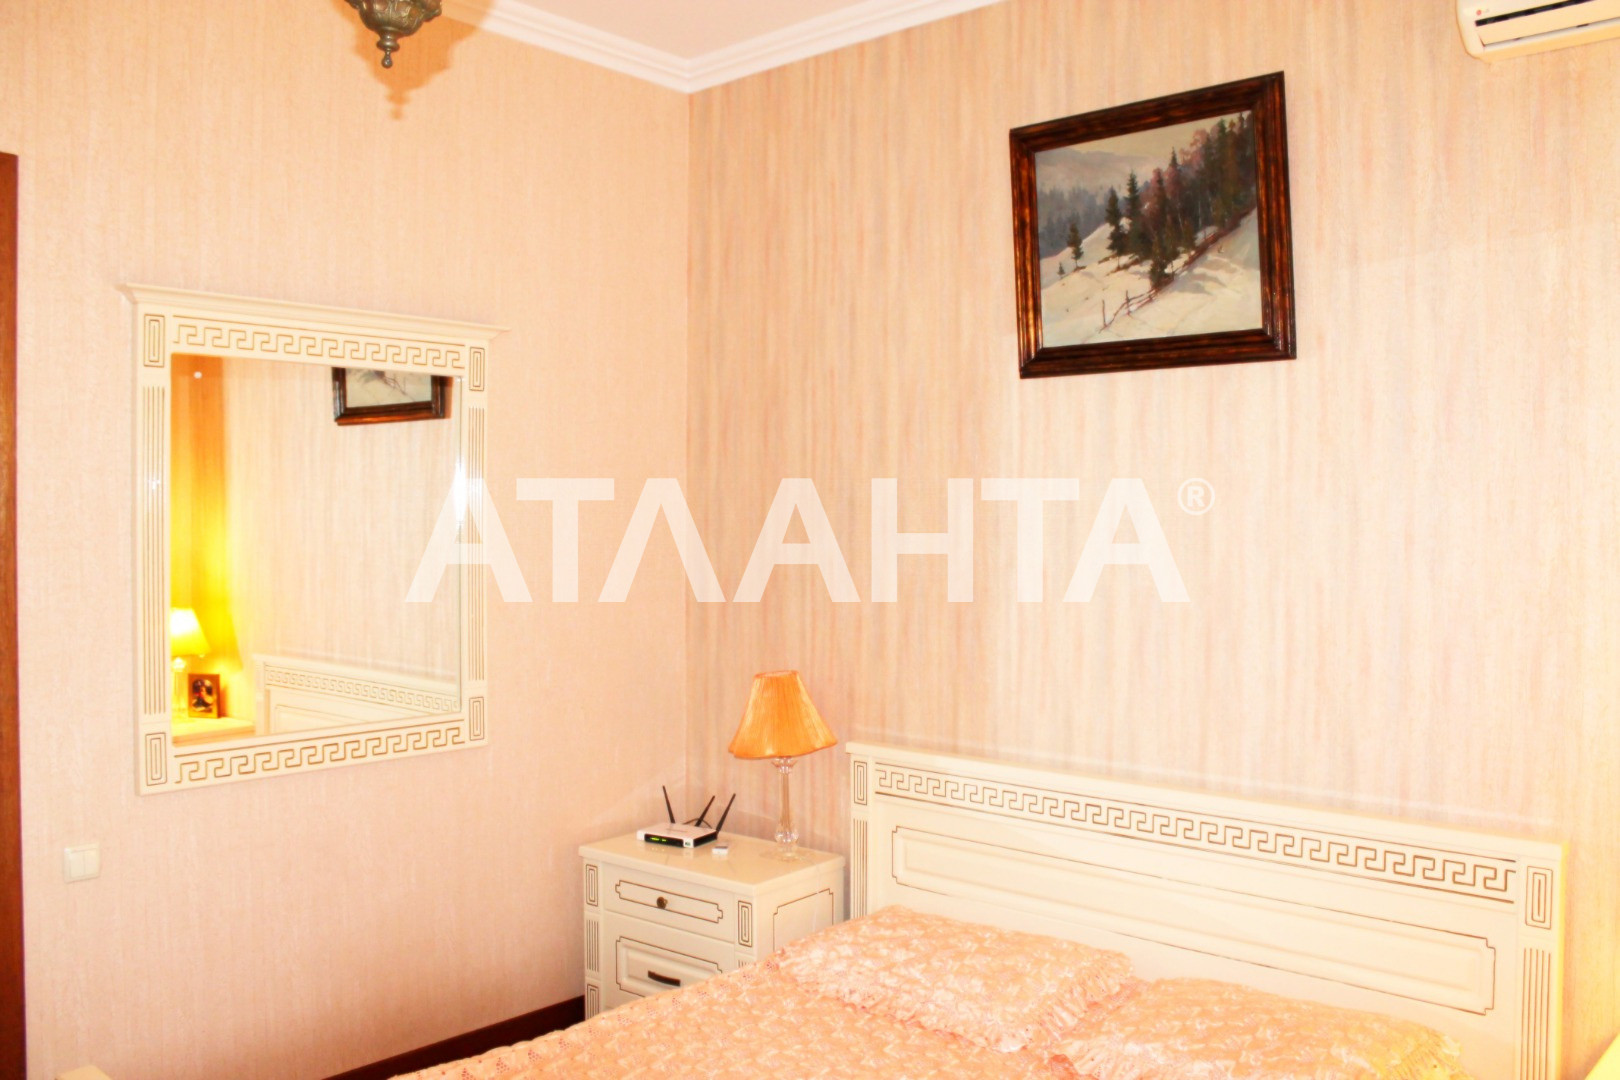 Продается 2-комнатная Квартира на ул. Фонтанская Дор. (Перекопской Дивизии) — 300 000 у.е. (фото №7)